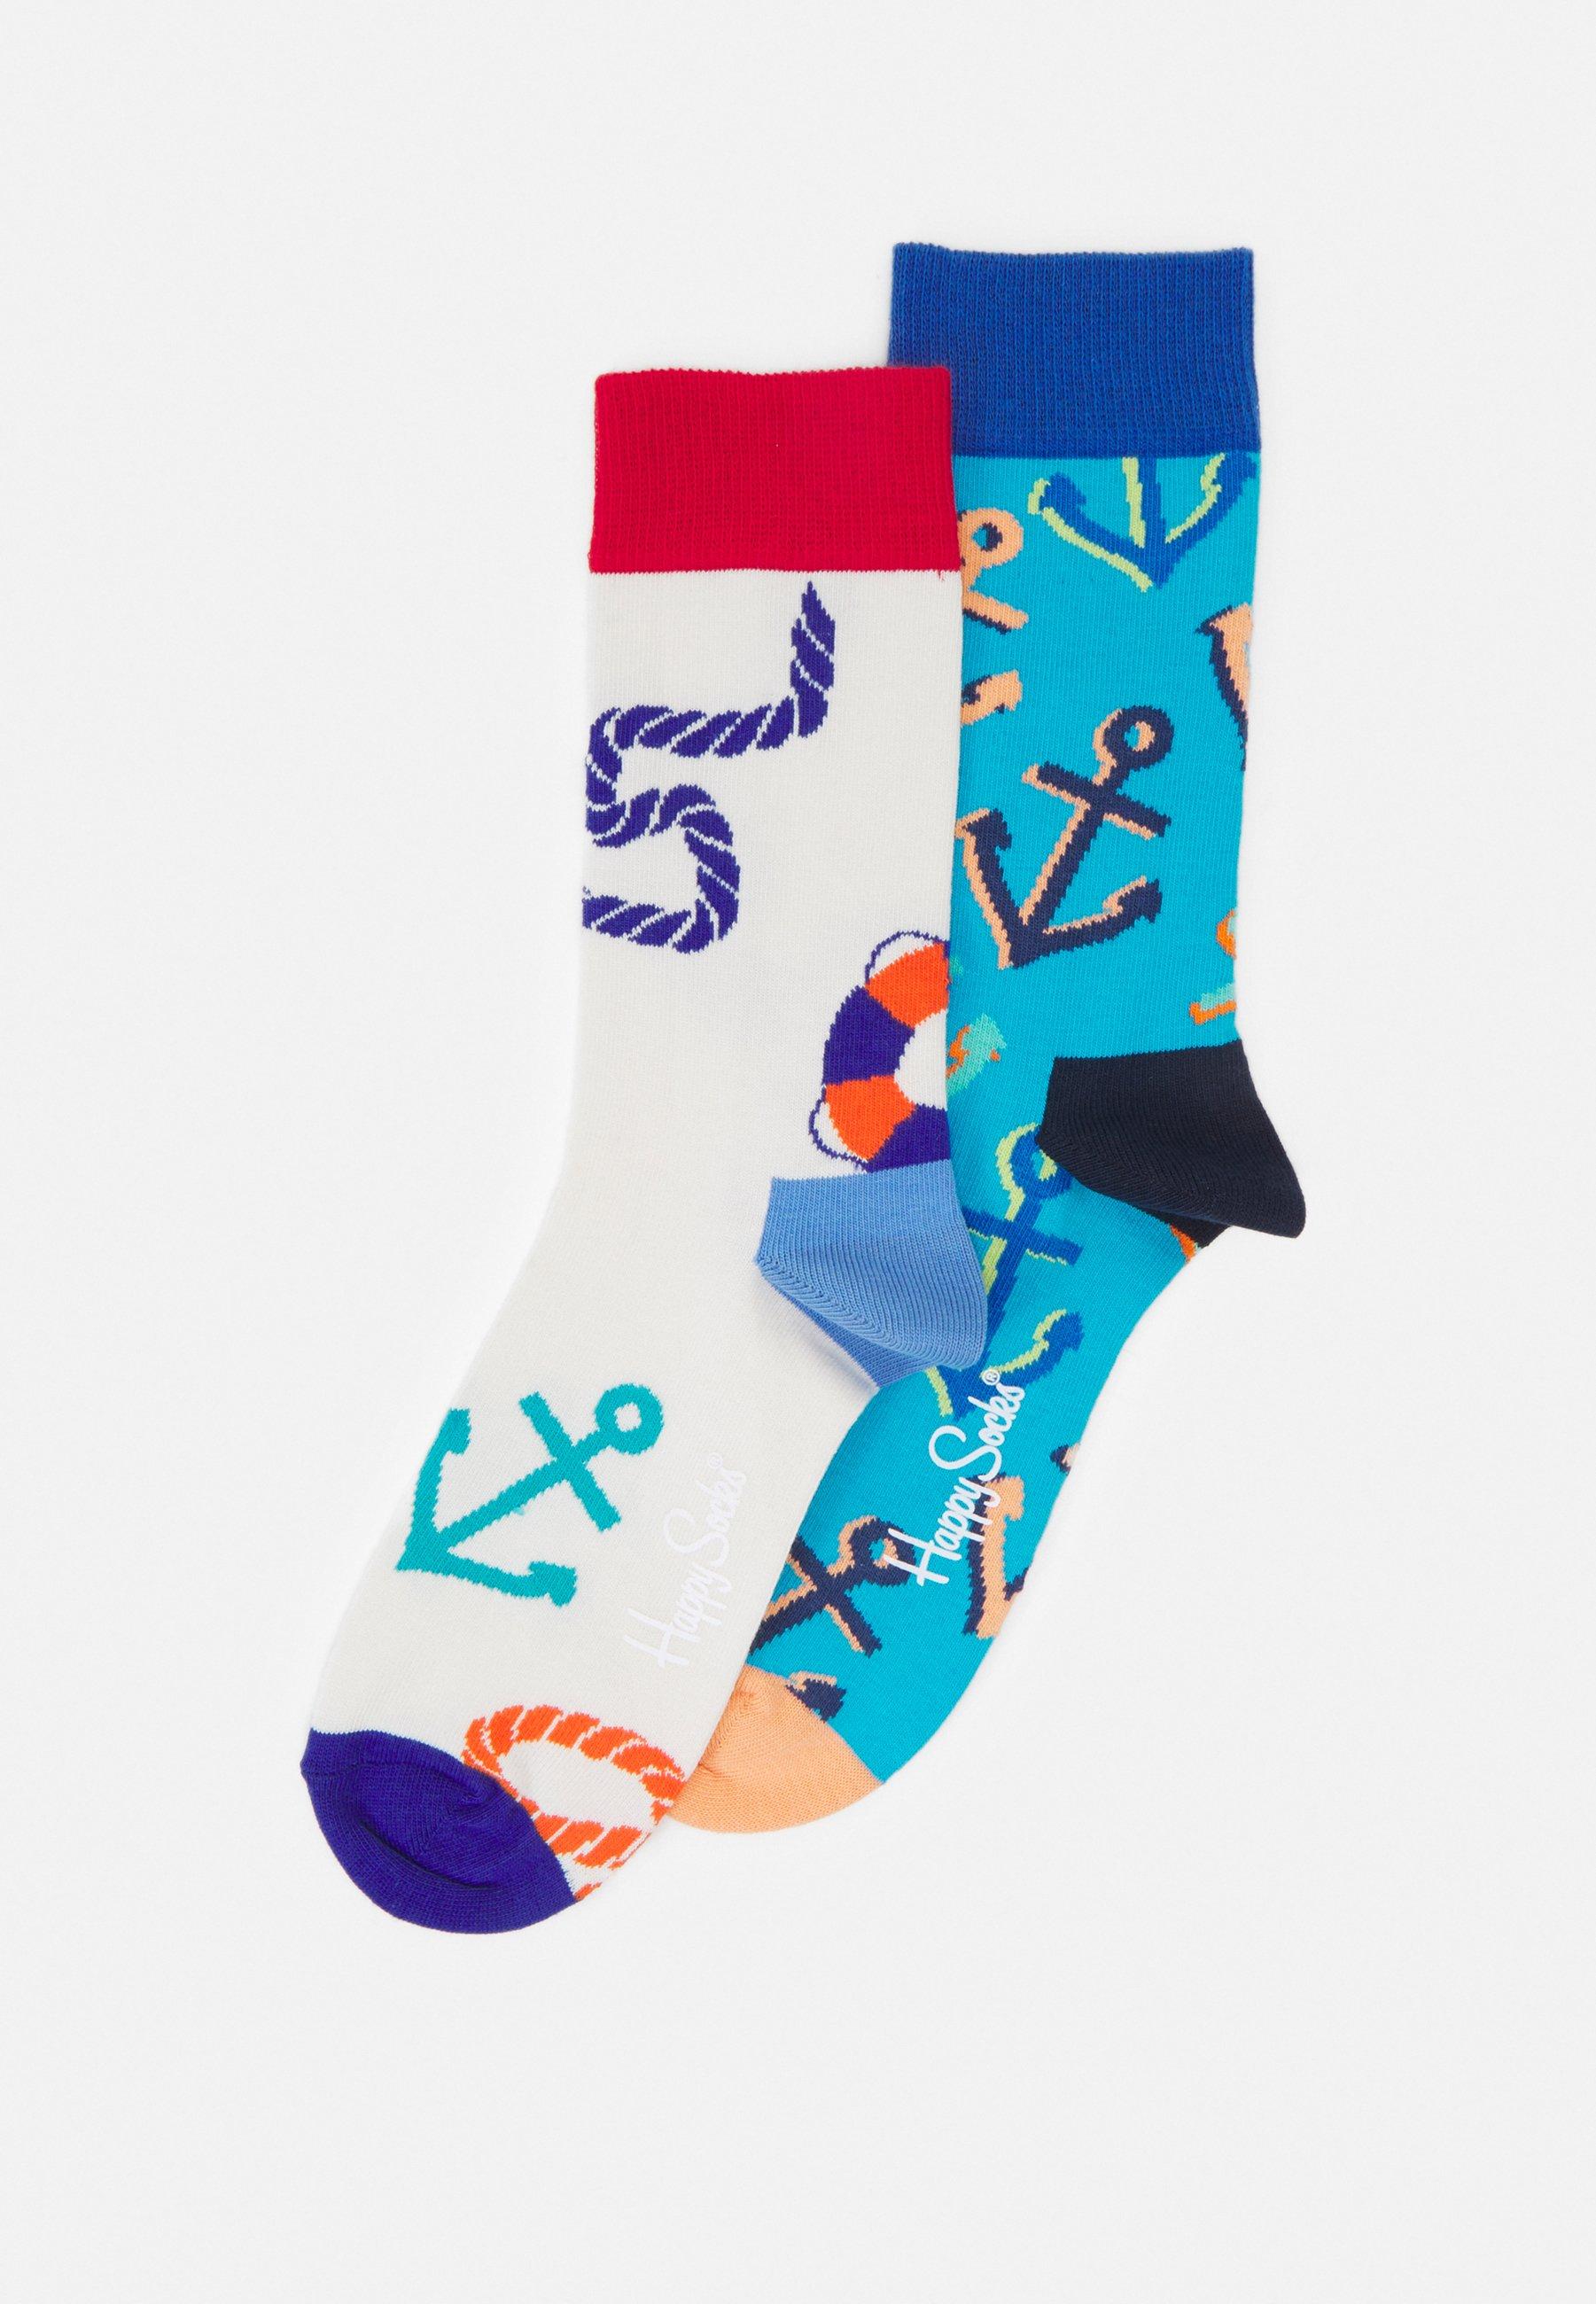 Men JUMBO MARINE SOCK/BIG ANCHOR SOCK UNISEX 2 PACK - Socks